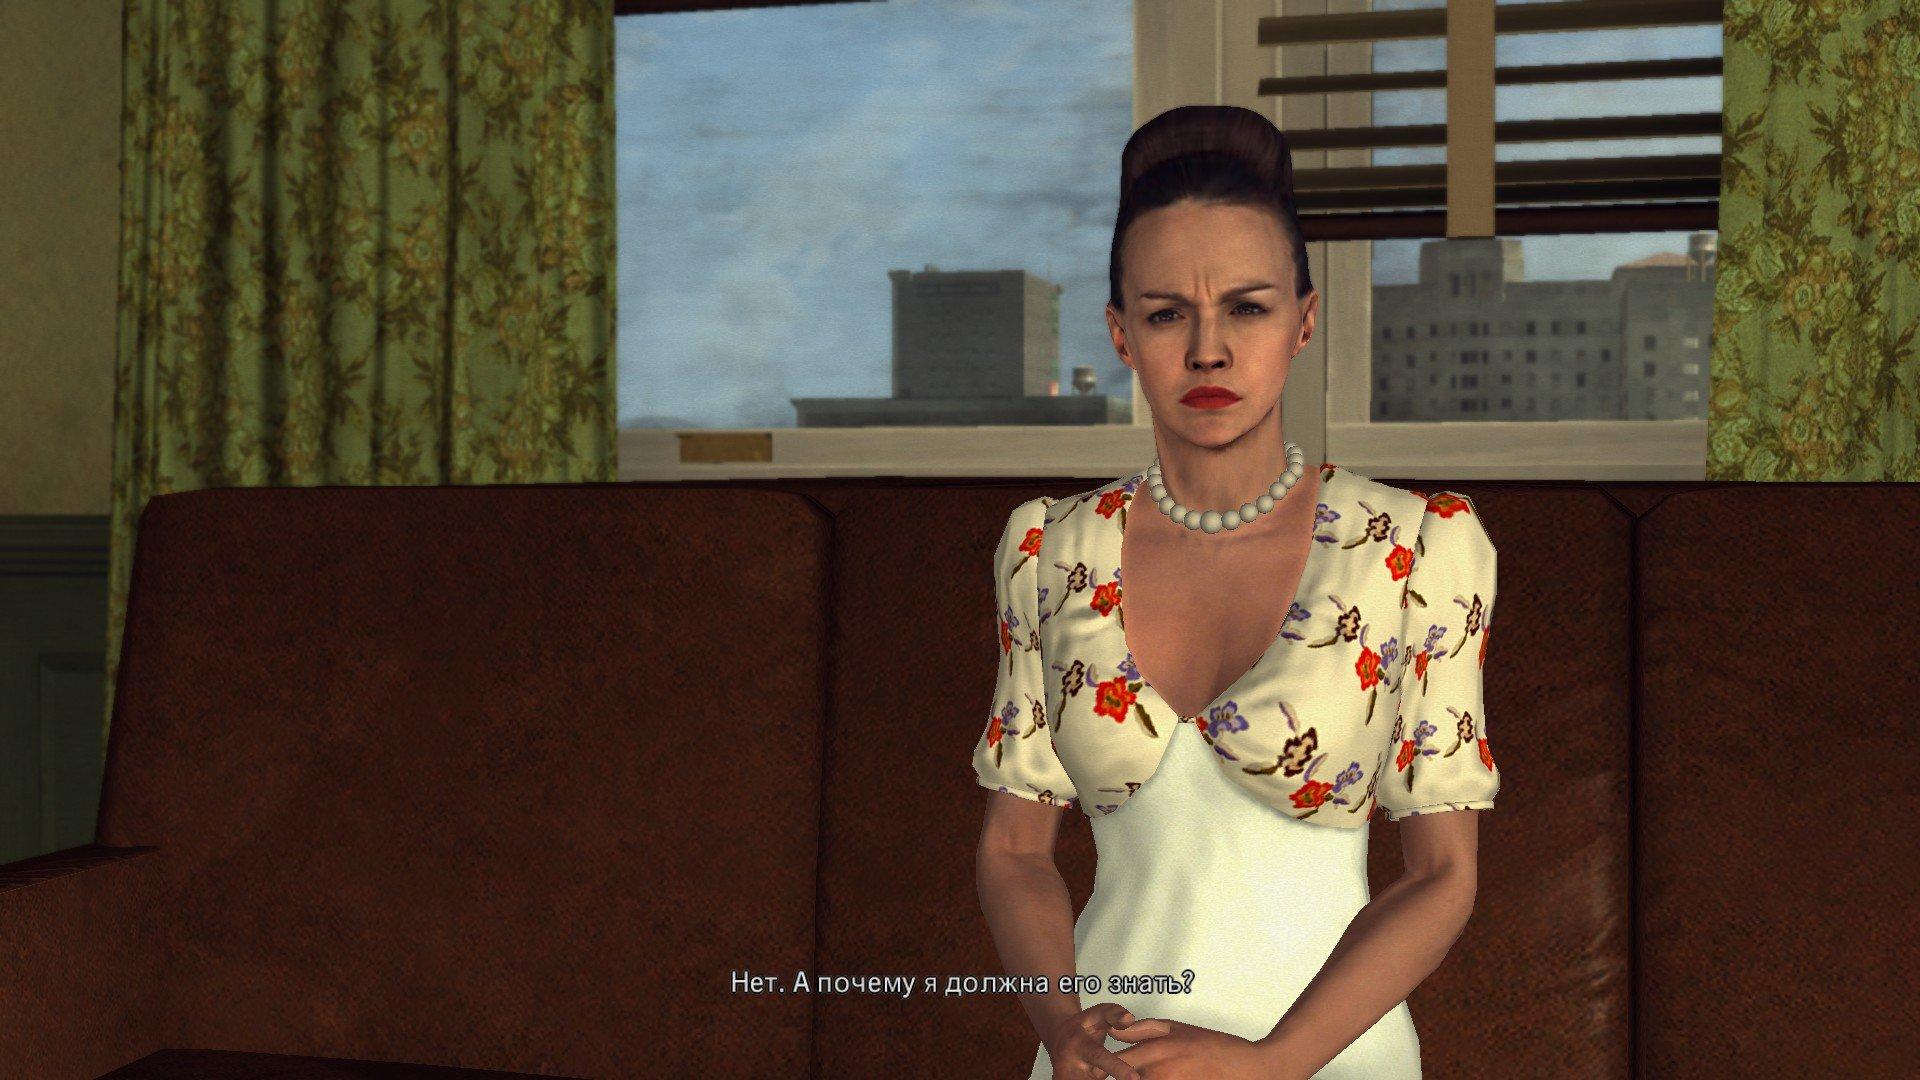 Пост-прохождение L.A. Noire Часть 5 - Изображение 29